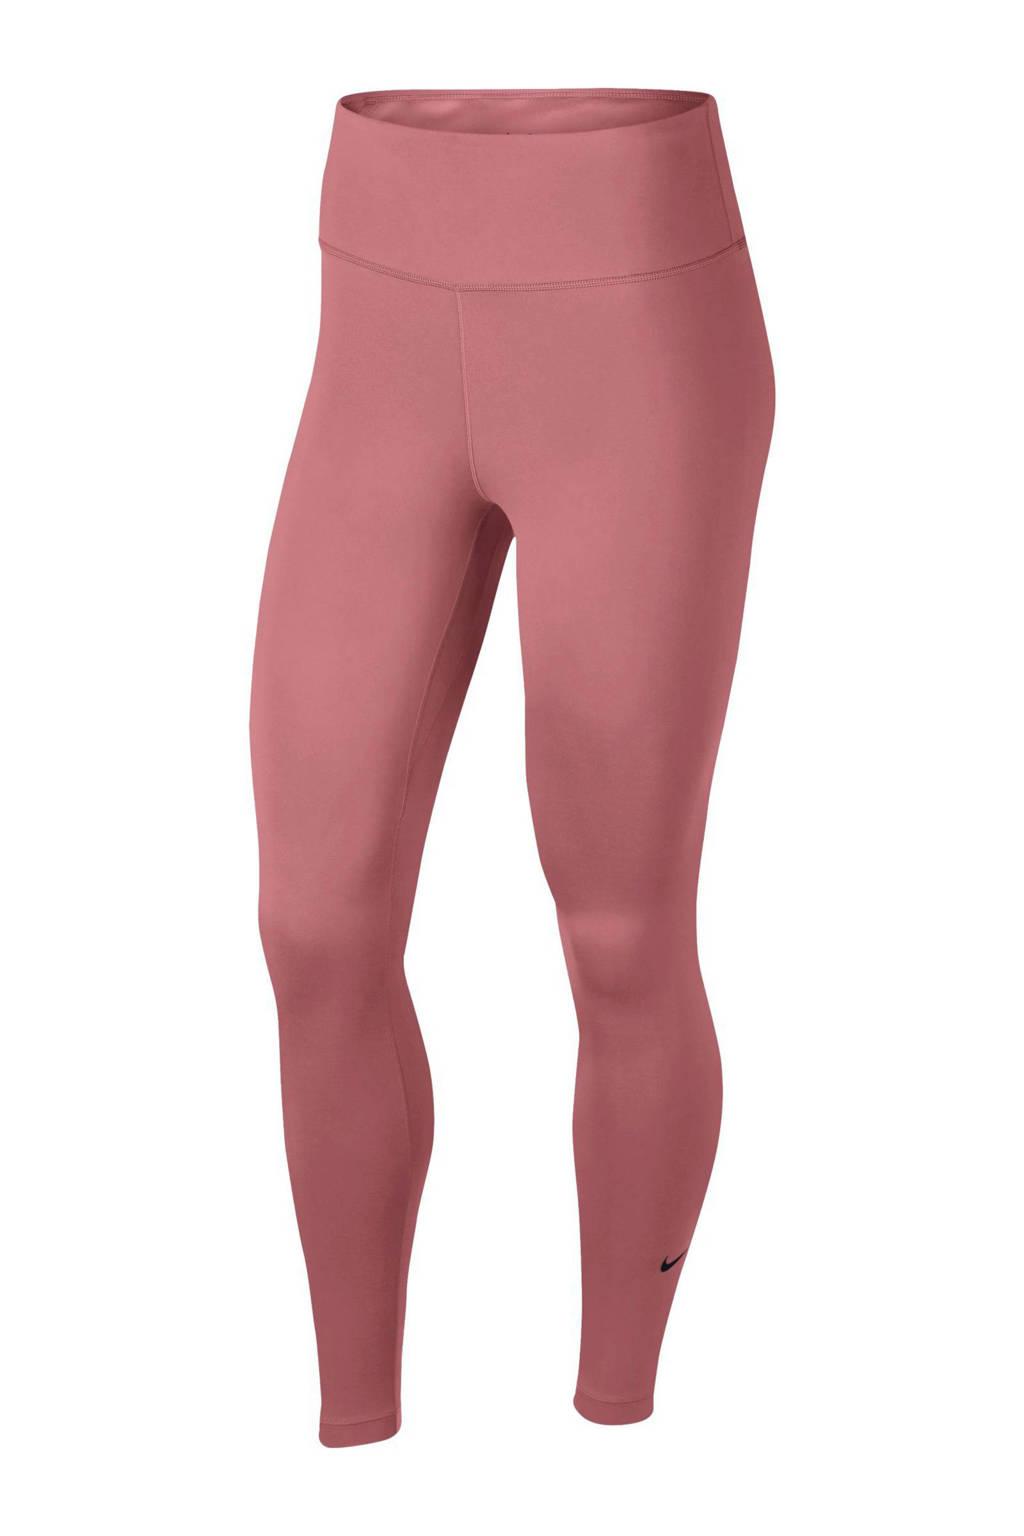 Nike sportbroek roze, Roze